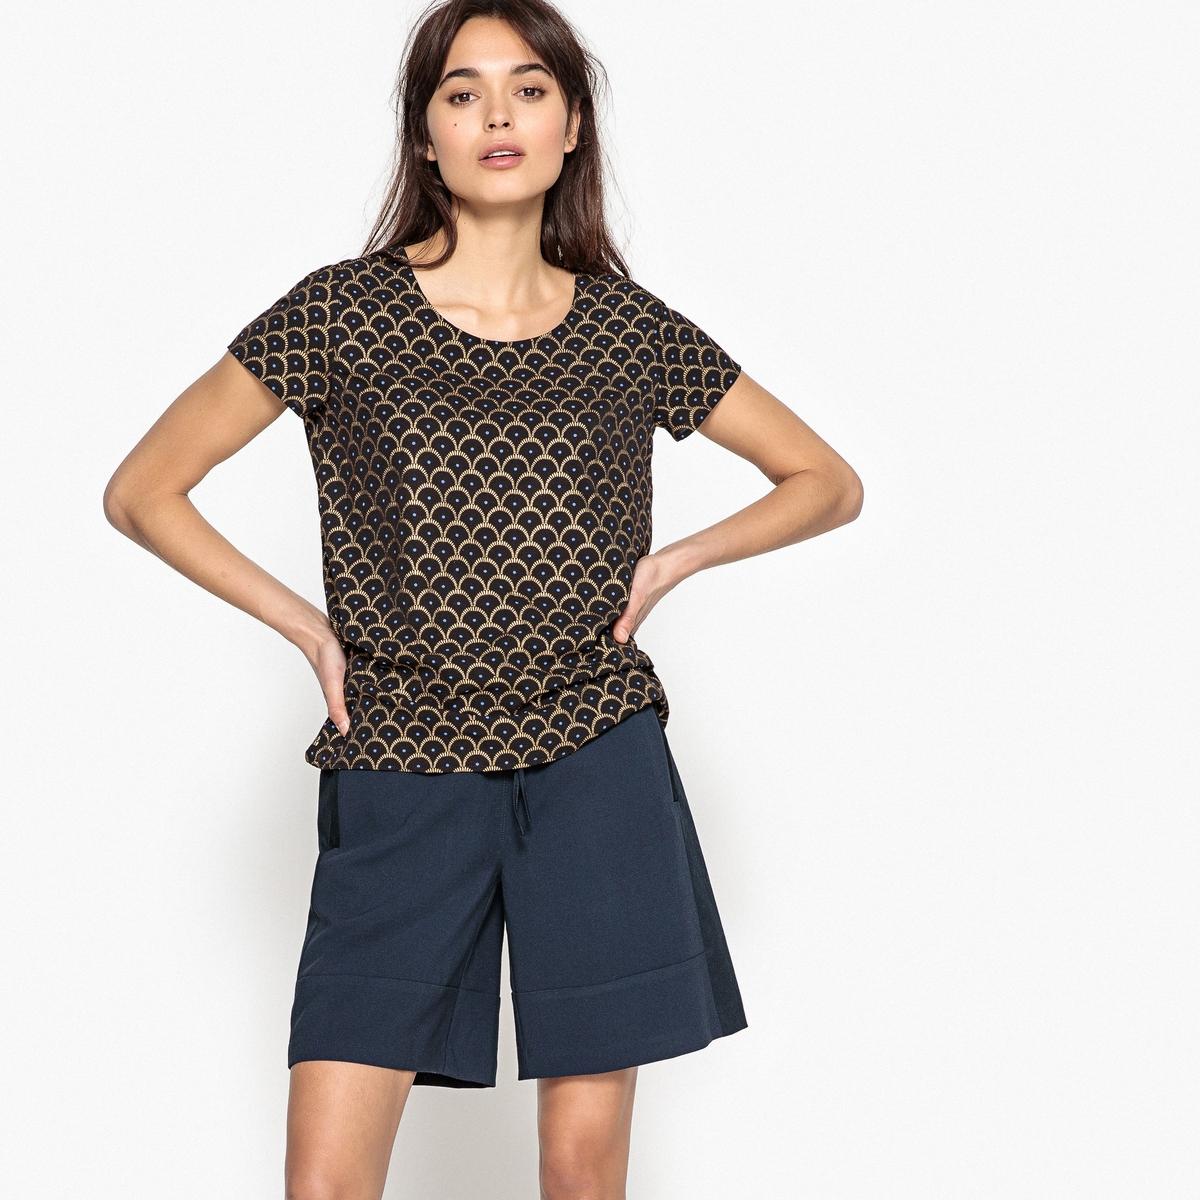 Блузка с круглым вырезом, графическим рисунком и короткими рукавами блузка с круглым вырезом и короткими рукавами